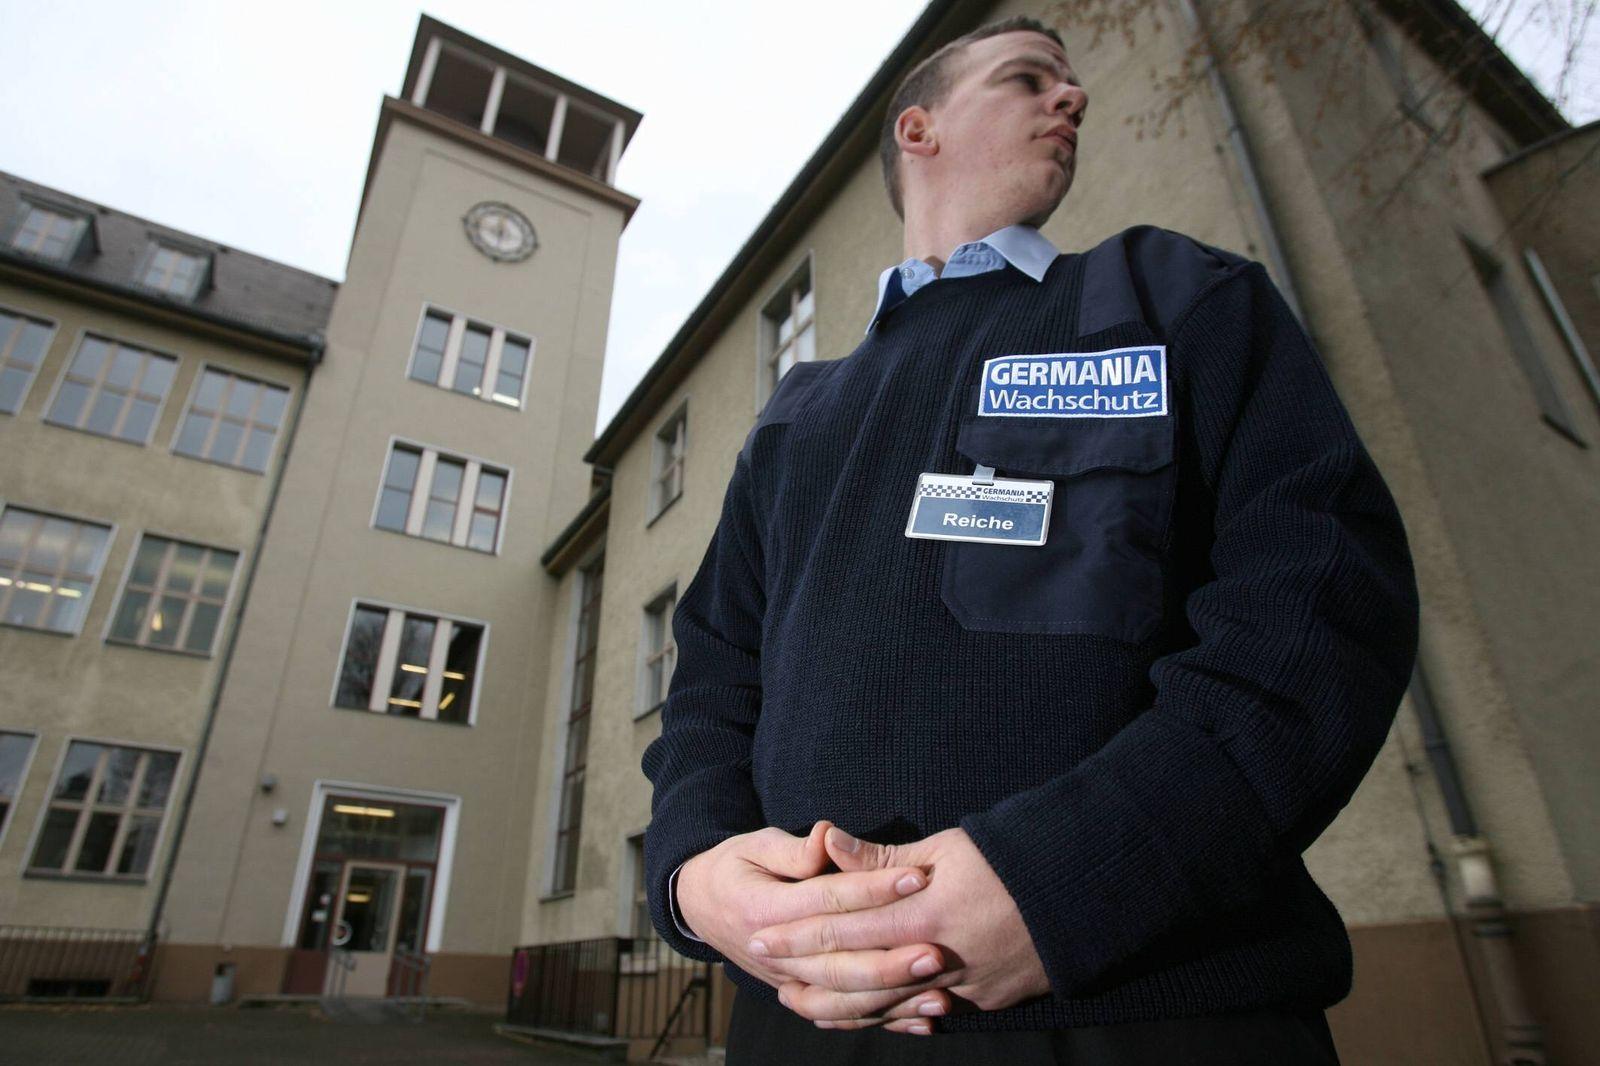 NICHT VERWENDEN Wachschutz an Berliner Schulen / NEUKÖLLN